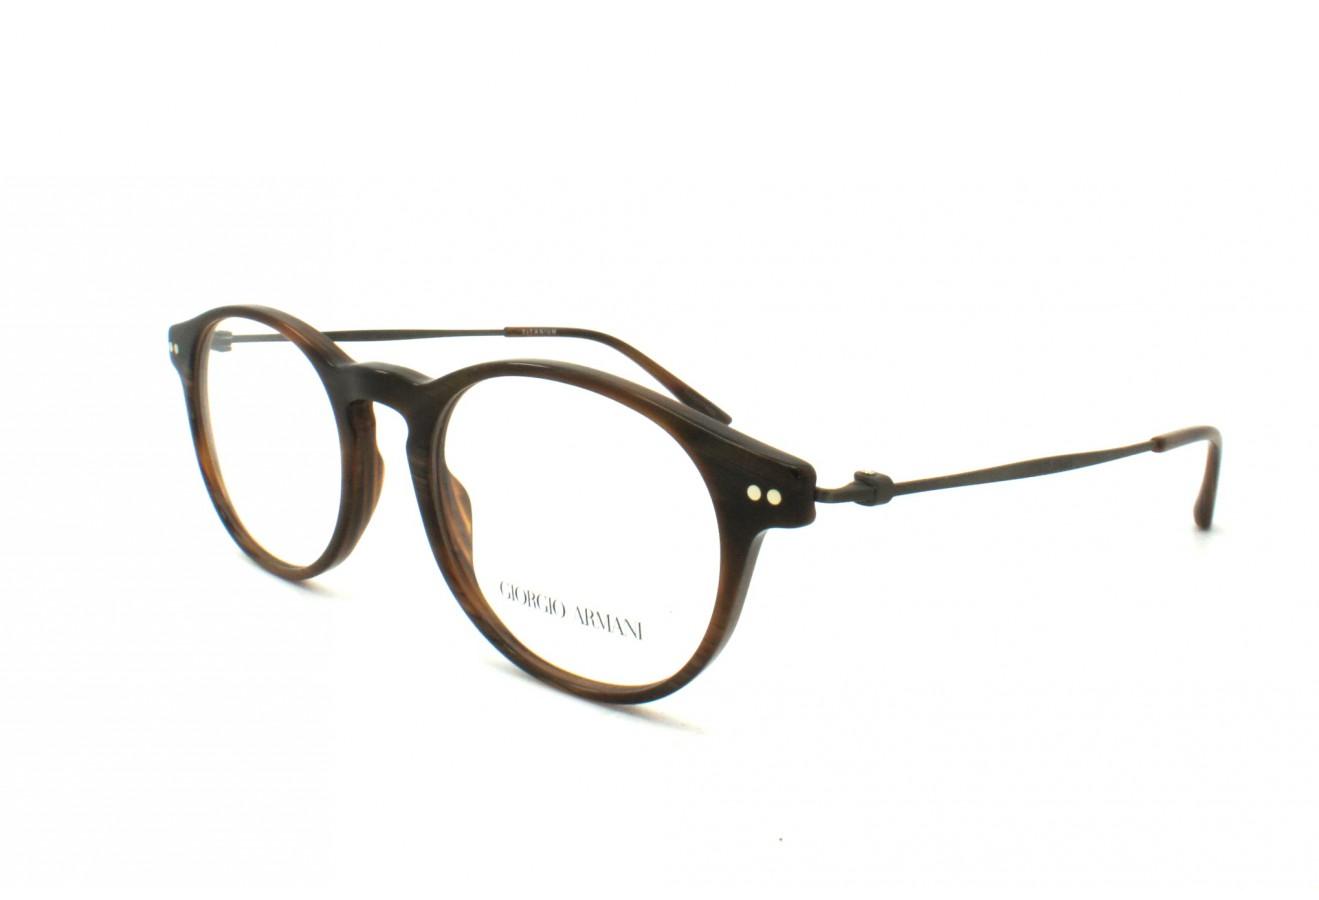 Choisir des lunettes, c'est tout un art